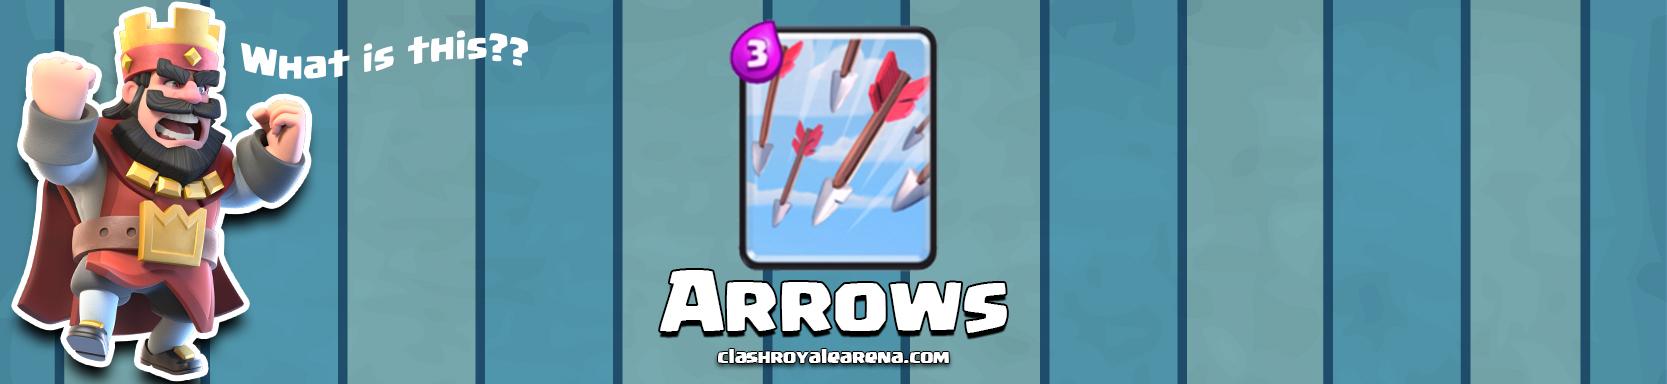 Arrows Clash Royale